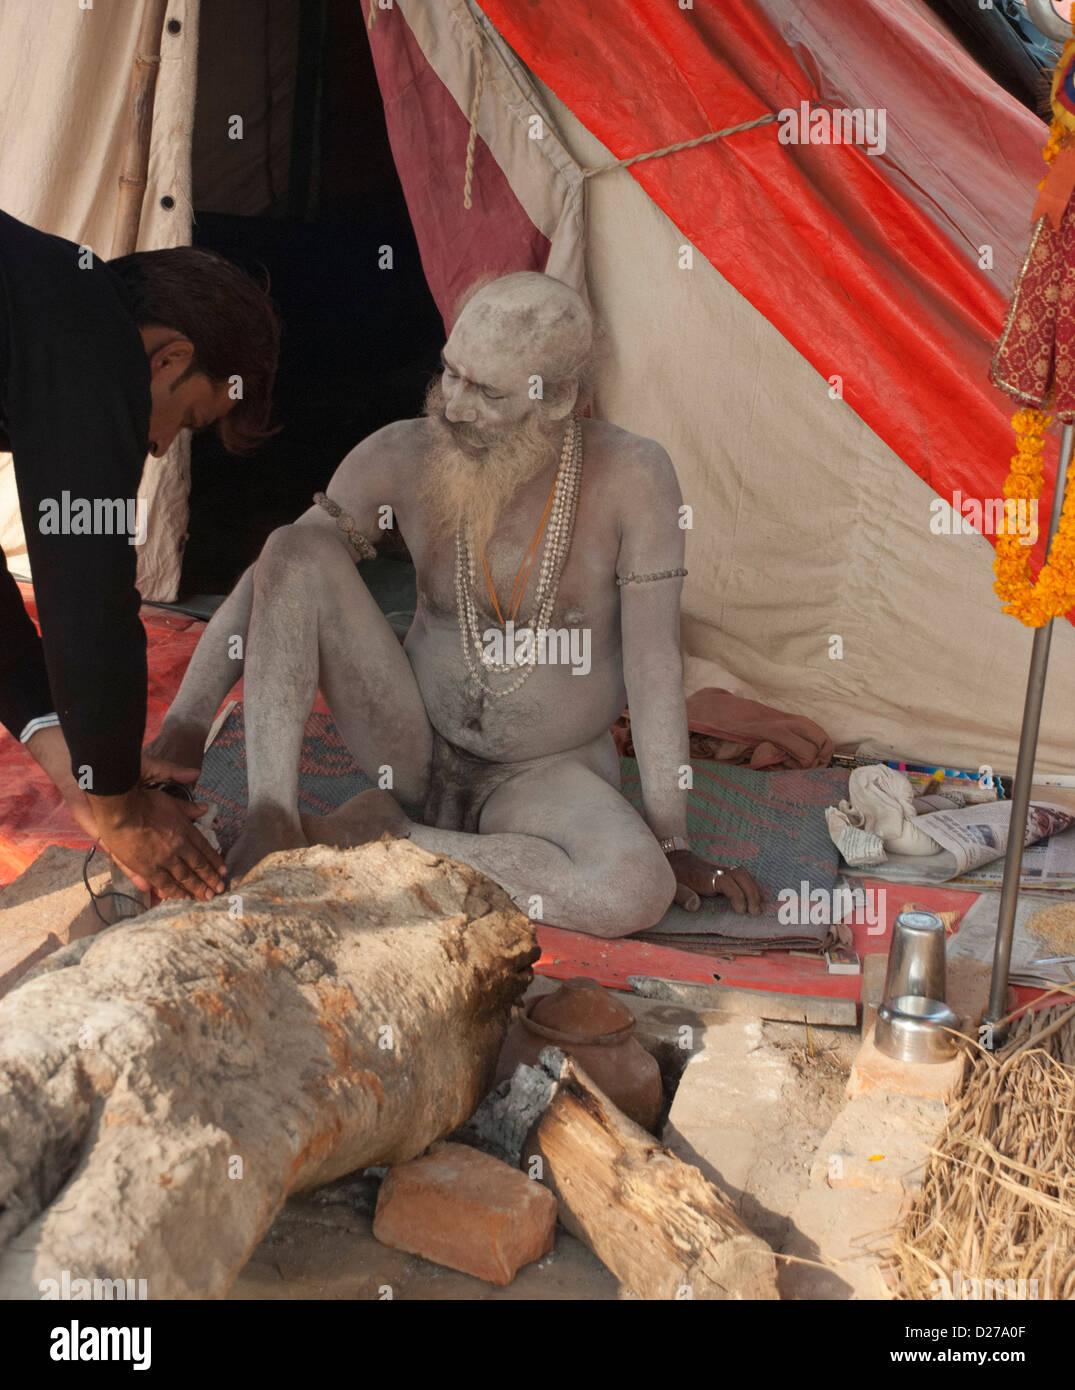 Naga Sadhus at Mahakumbh, Allahabad - 2013 - Stock Image